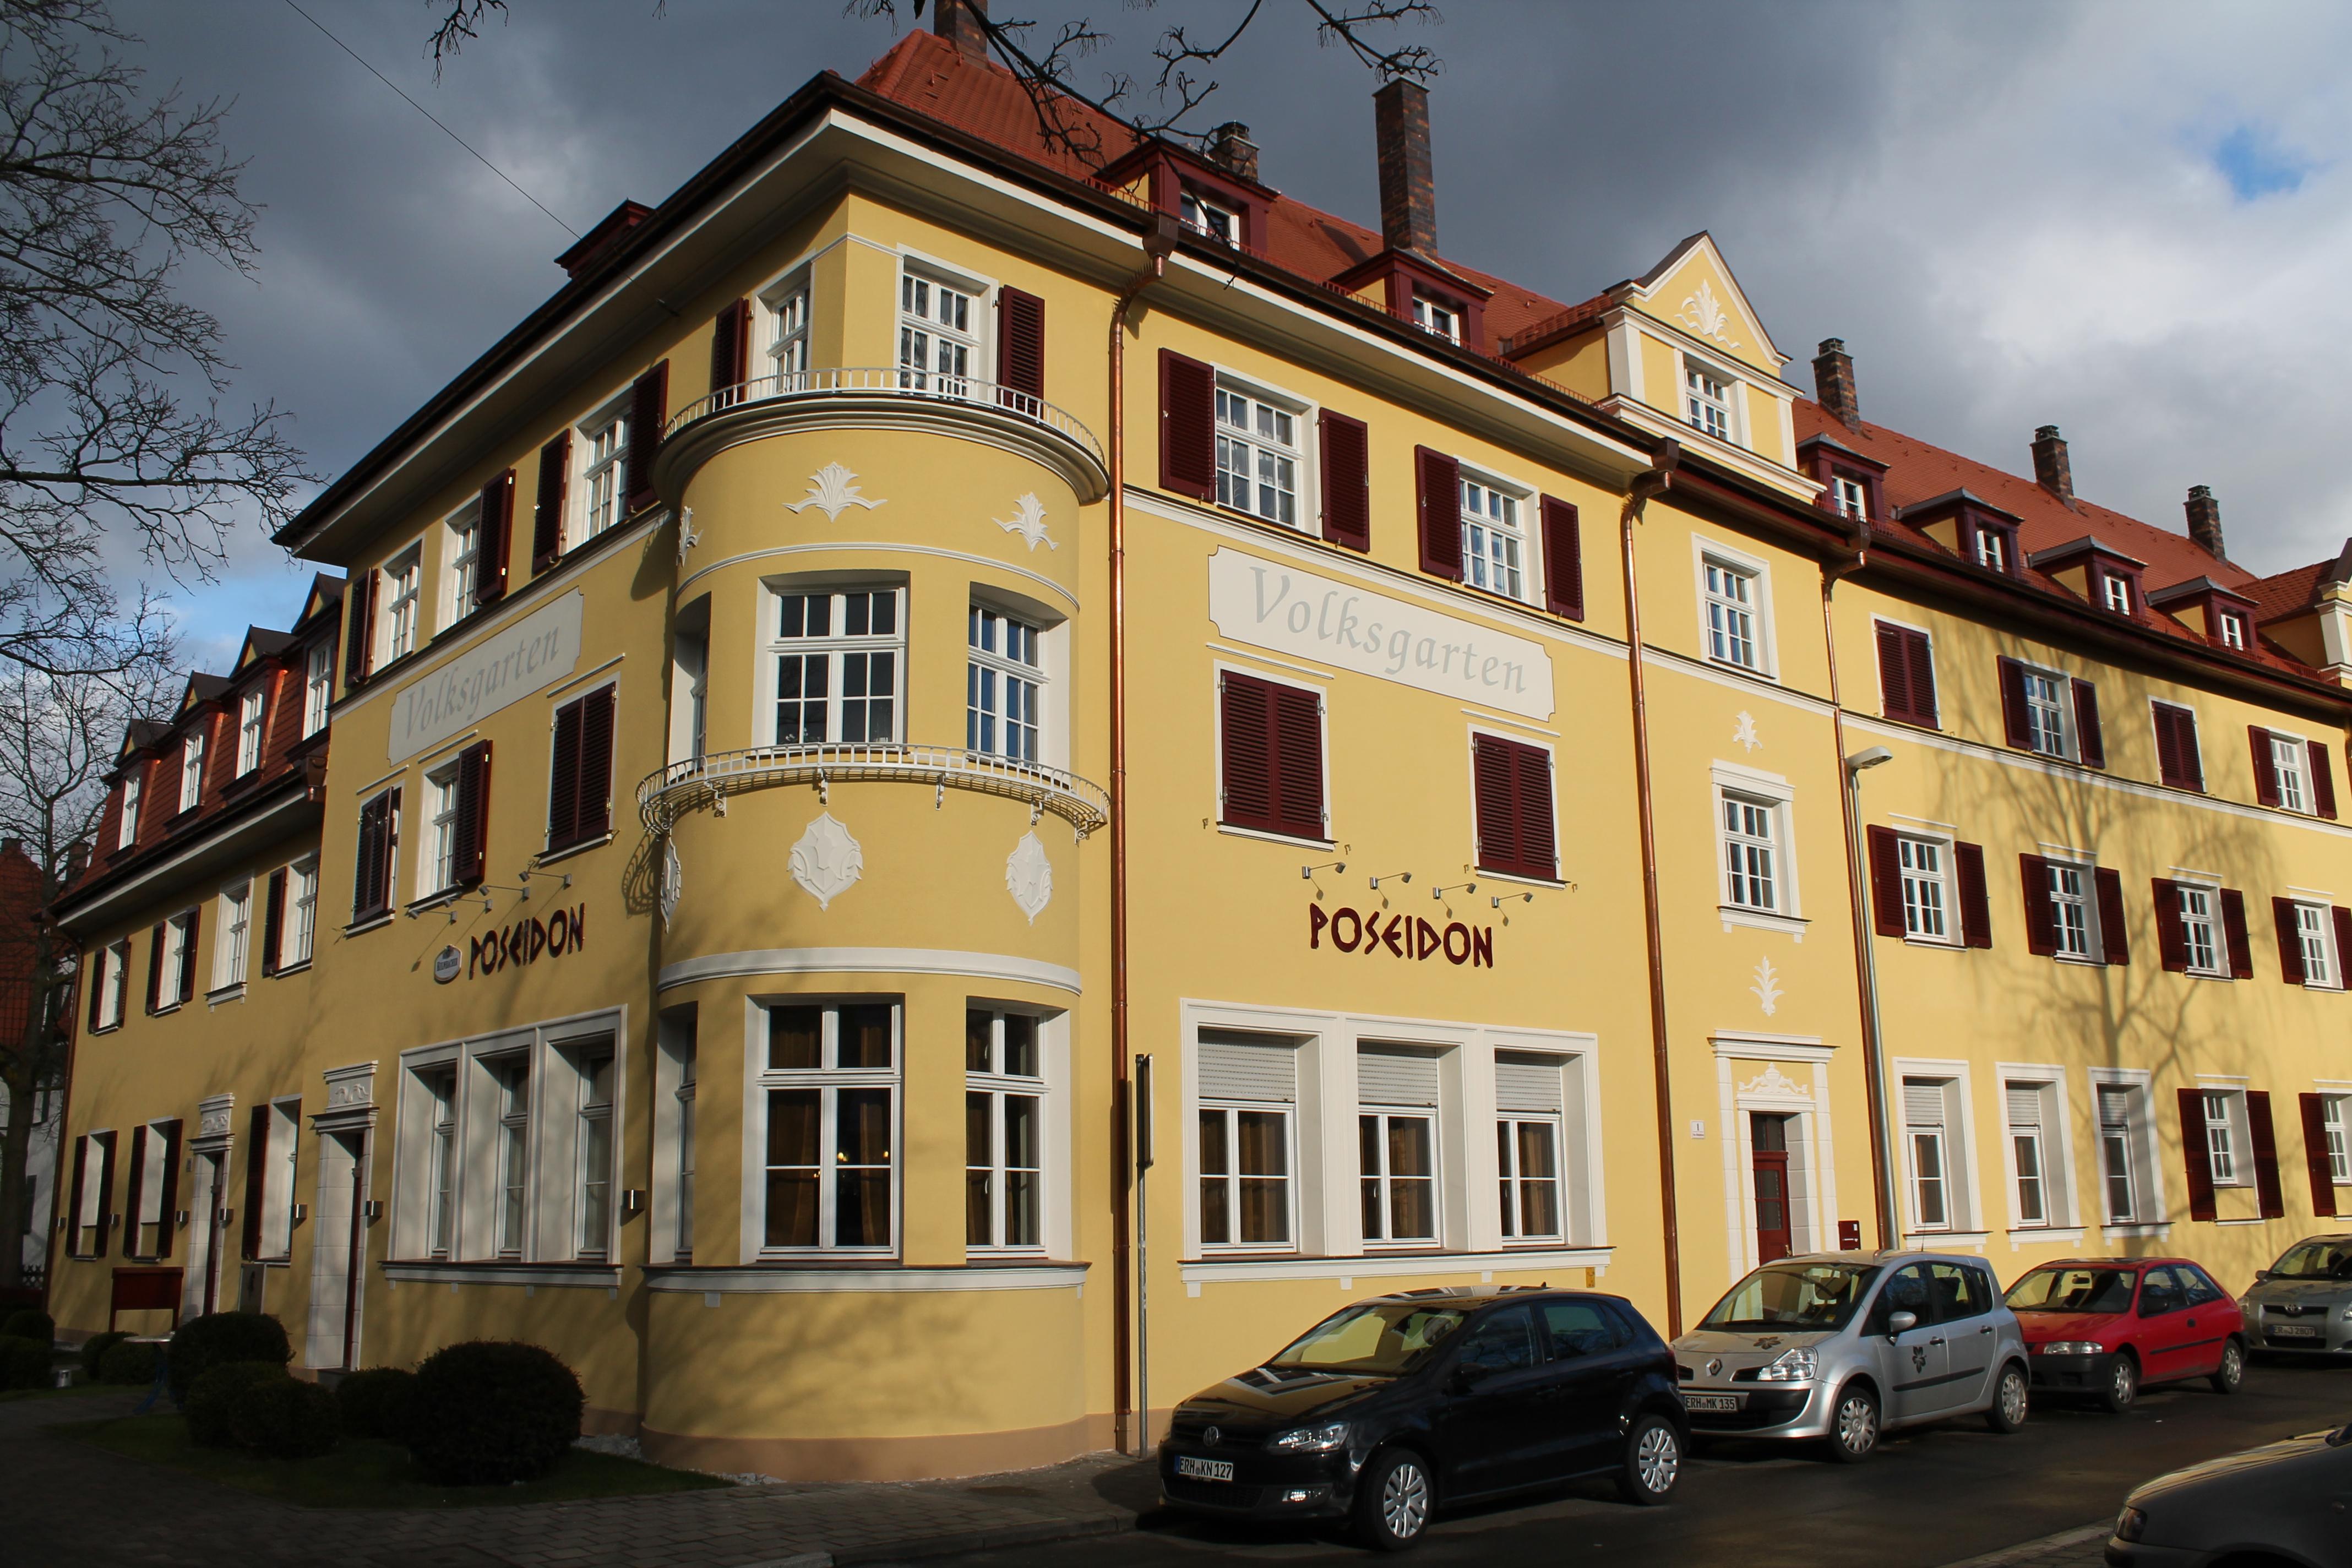 baugenossenschaft erlangen eg einrahmungen erlangen deutschland tel 0913190. Black Bedroom Furniture Sets. Home Design Ideas